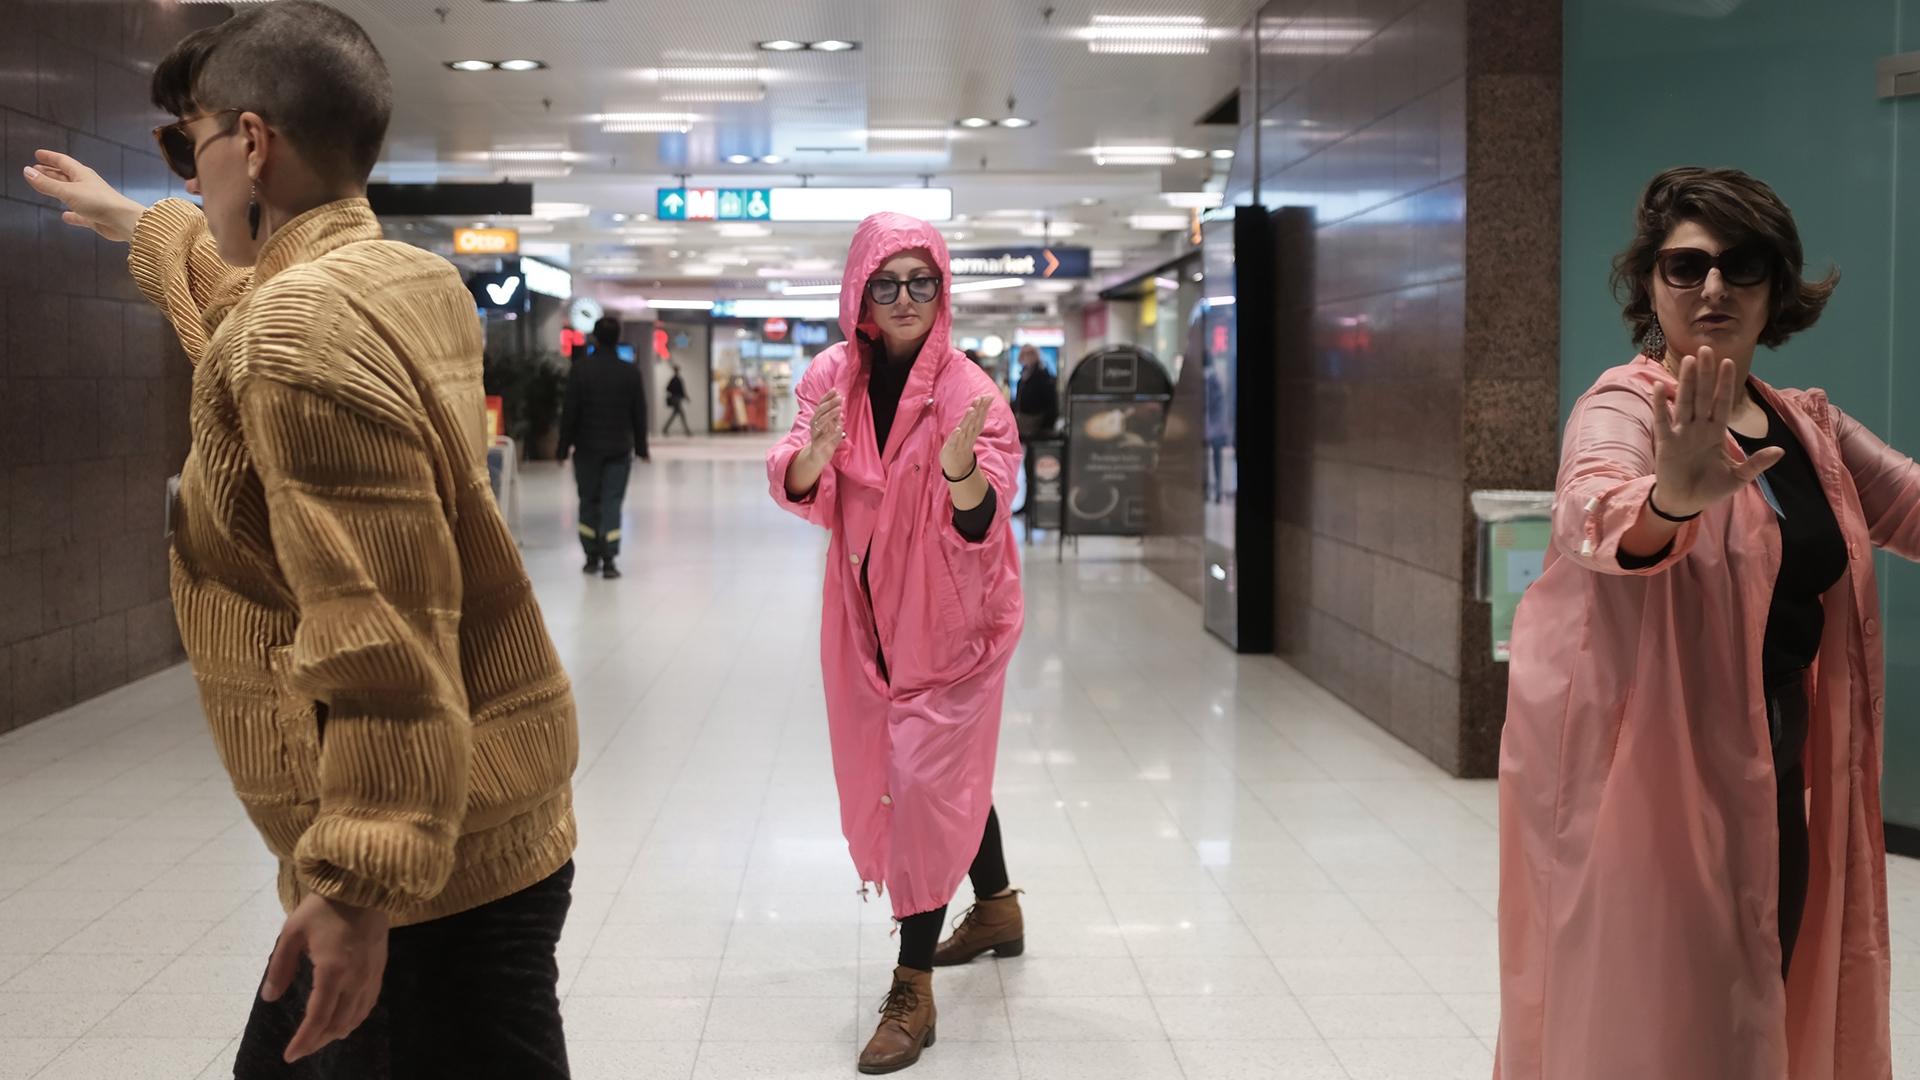 Kolme henkilöä seisoo metroasemalla eri asennoissa. Kaksi heistä katsoo kohti kameraa.